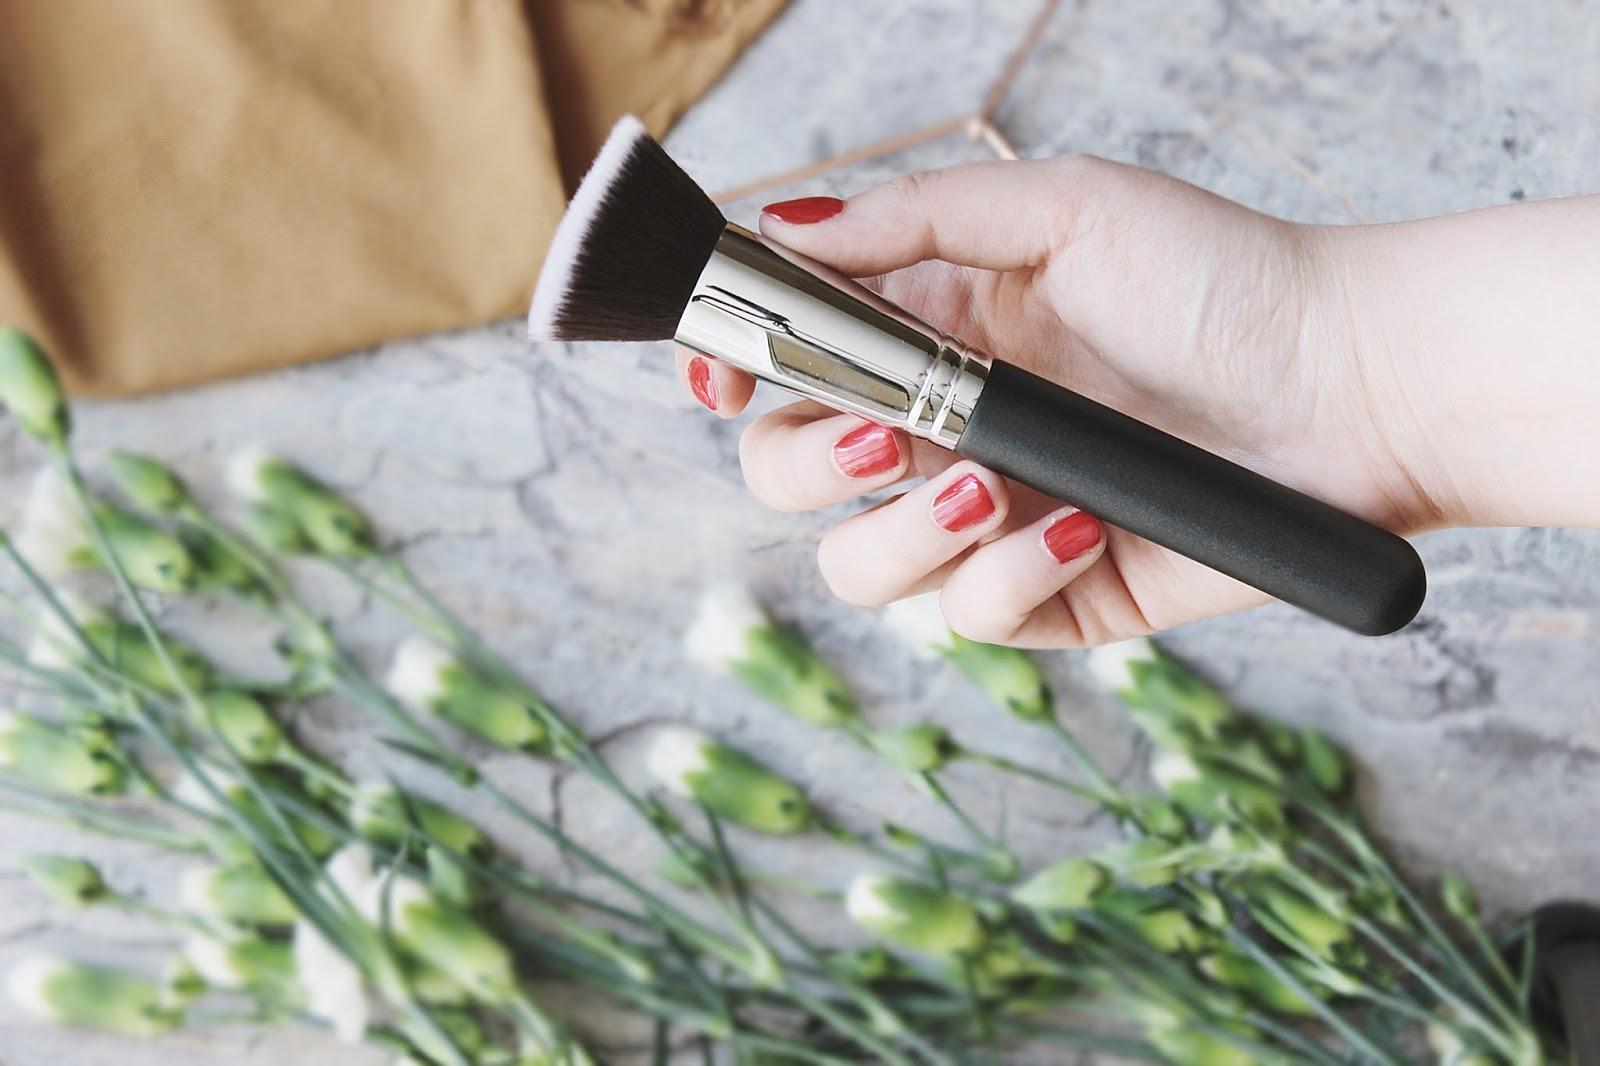 Ekstrawagancka blog, kosmetyki, pędzle do makijażu, najlepsze, ranking